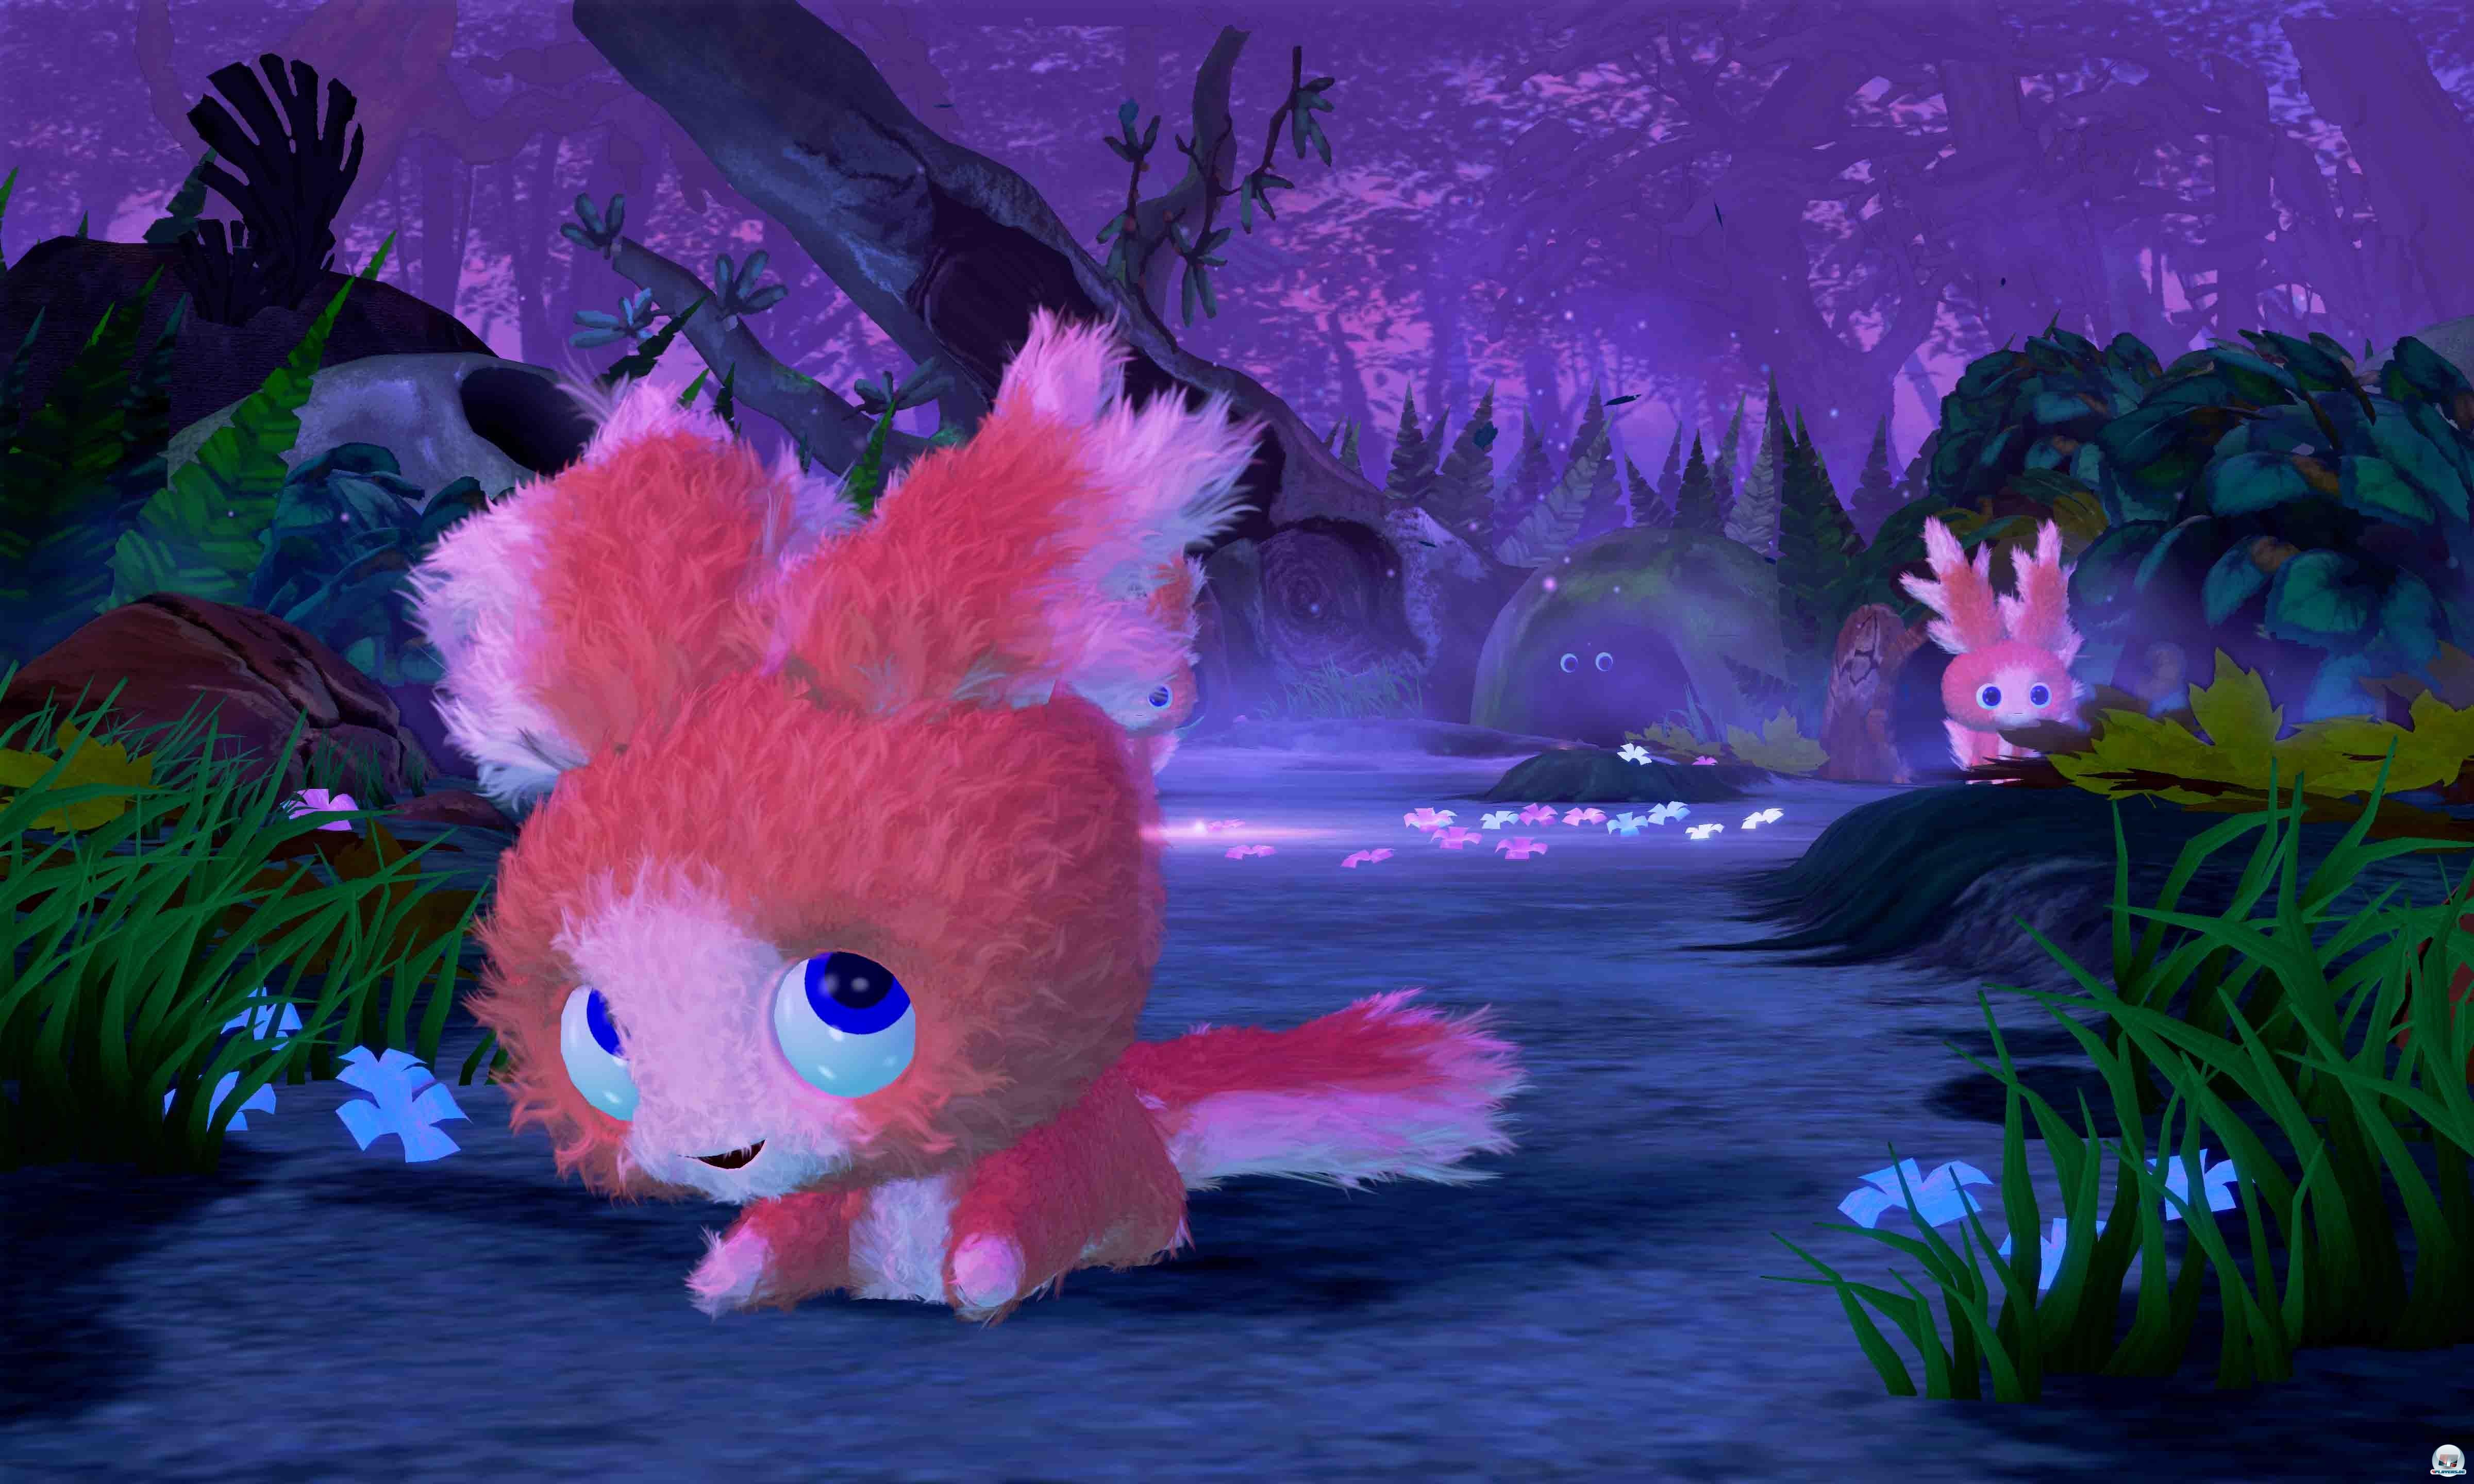 Die sechs Episoden bieten ein breites Spektrum an kindgerechten Emotionen, ohne die jungen Spieler zu überfordern.